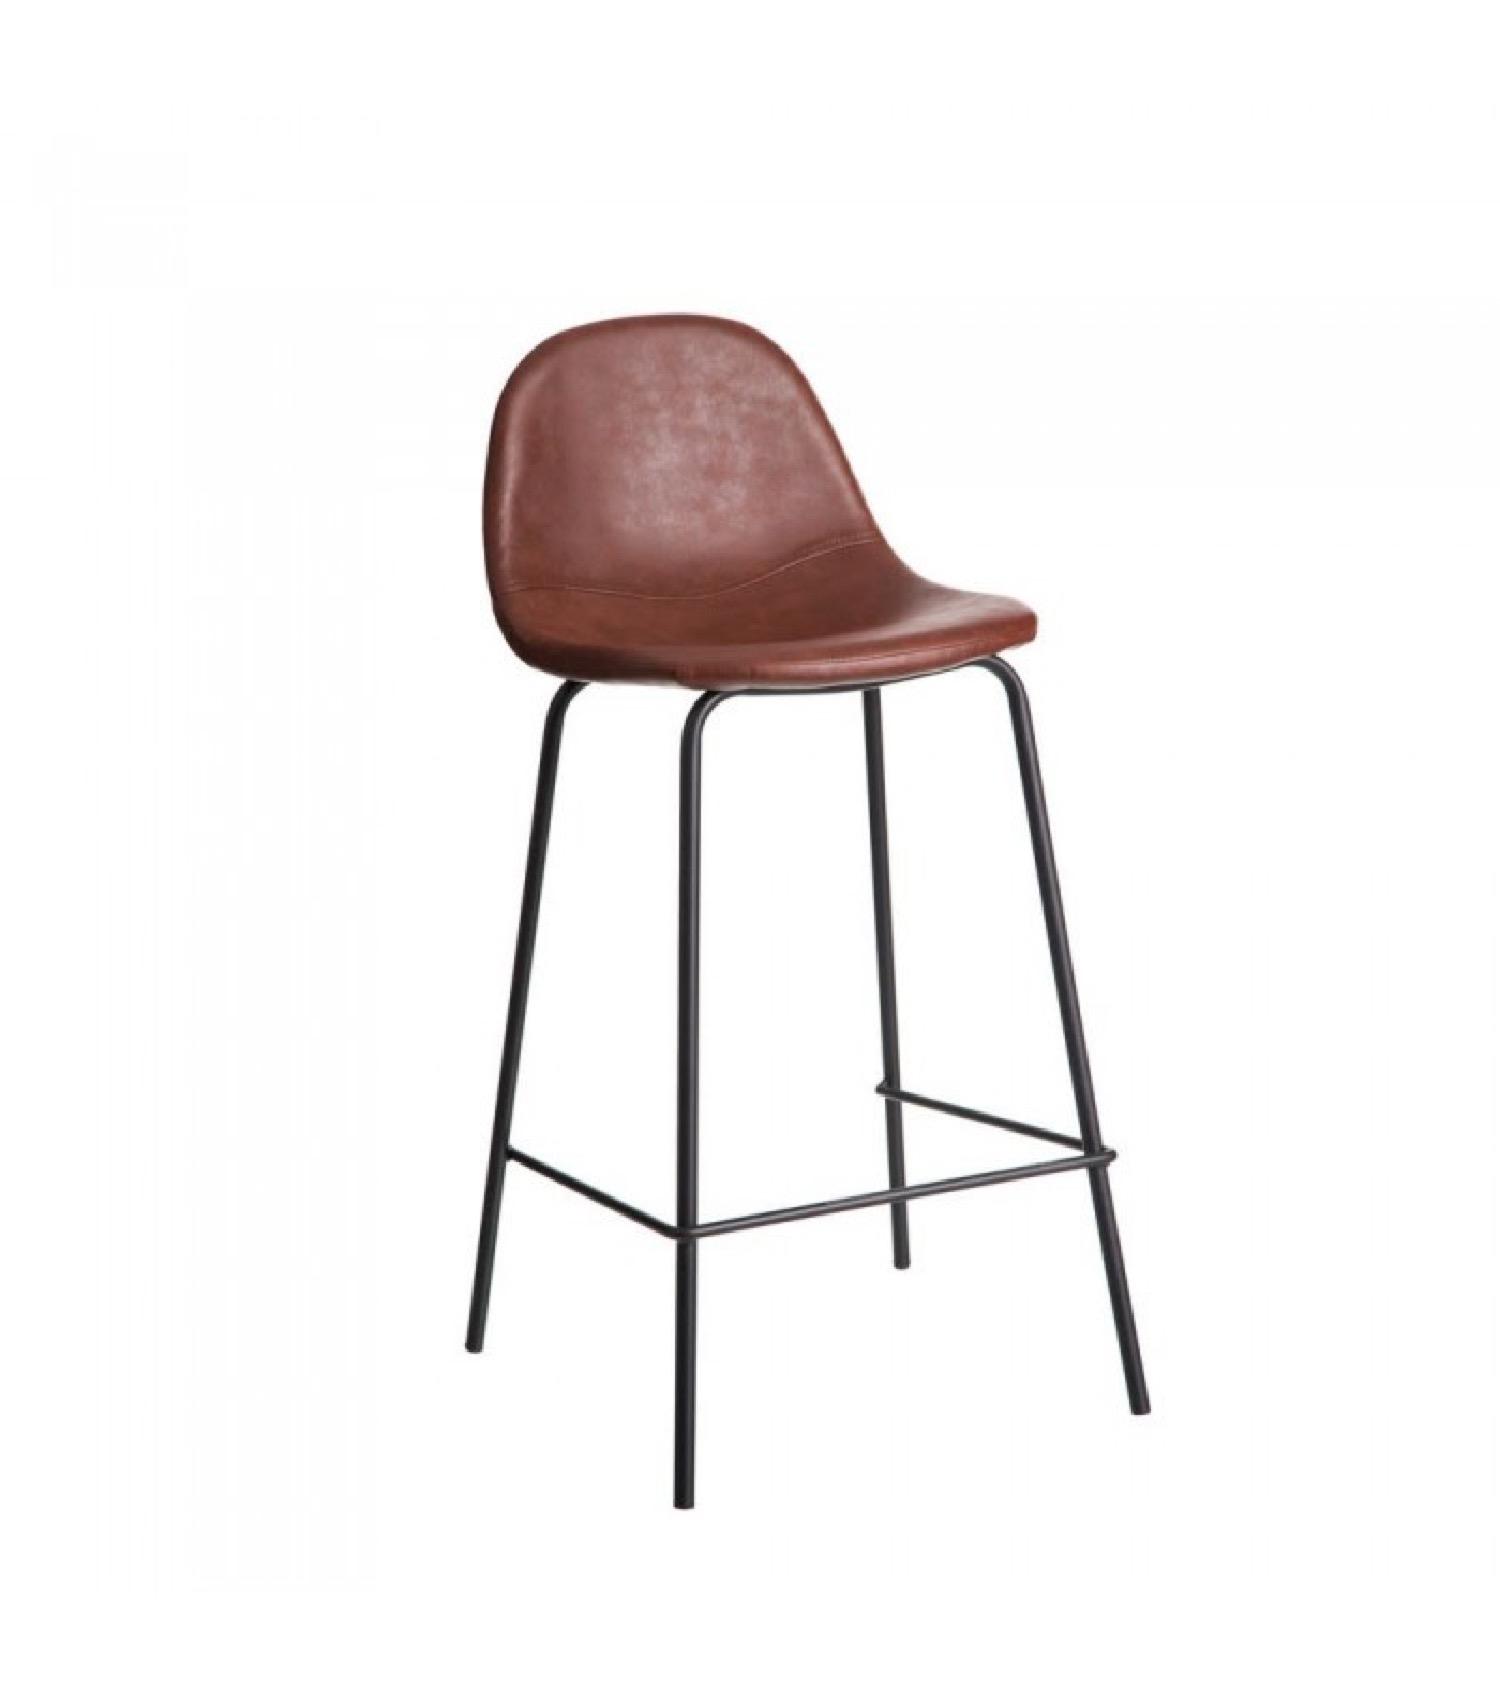 Tabouret de bar similicuir marron et métal noir H87cm